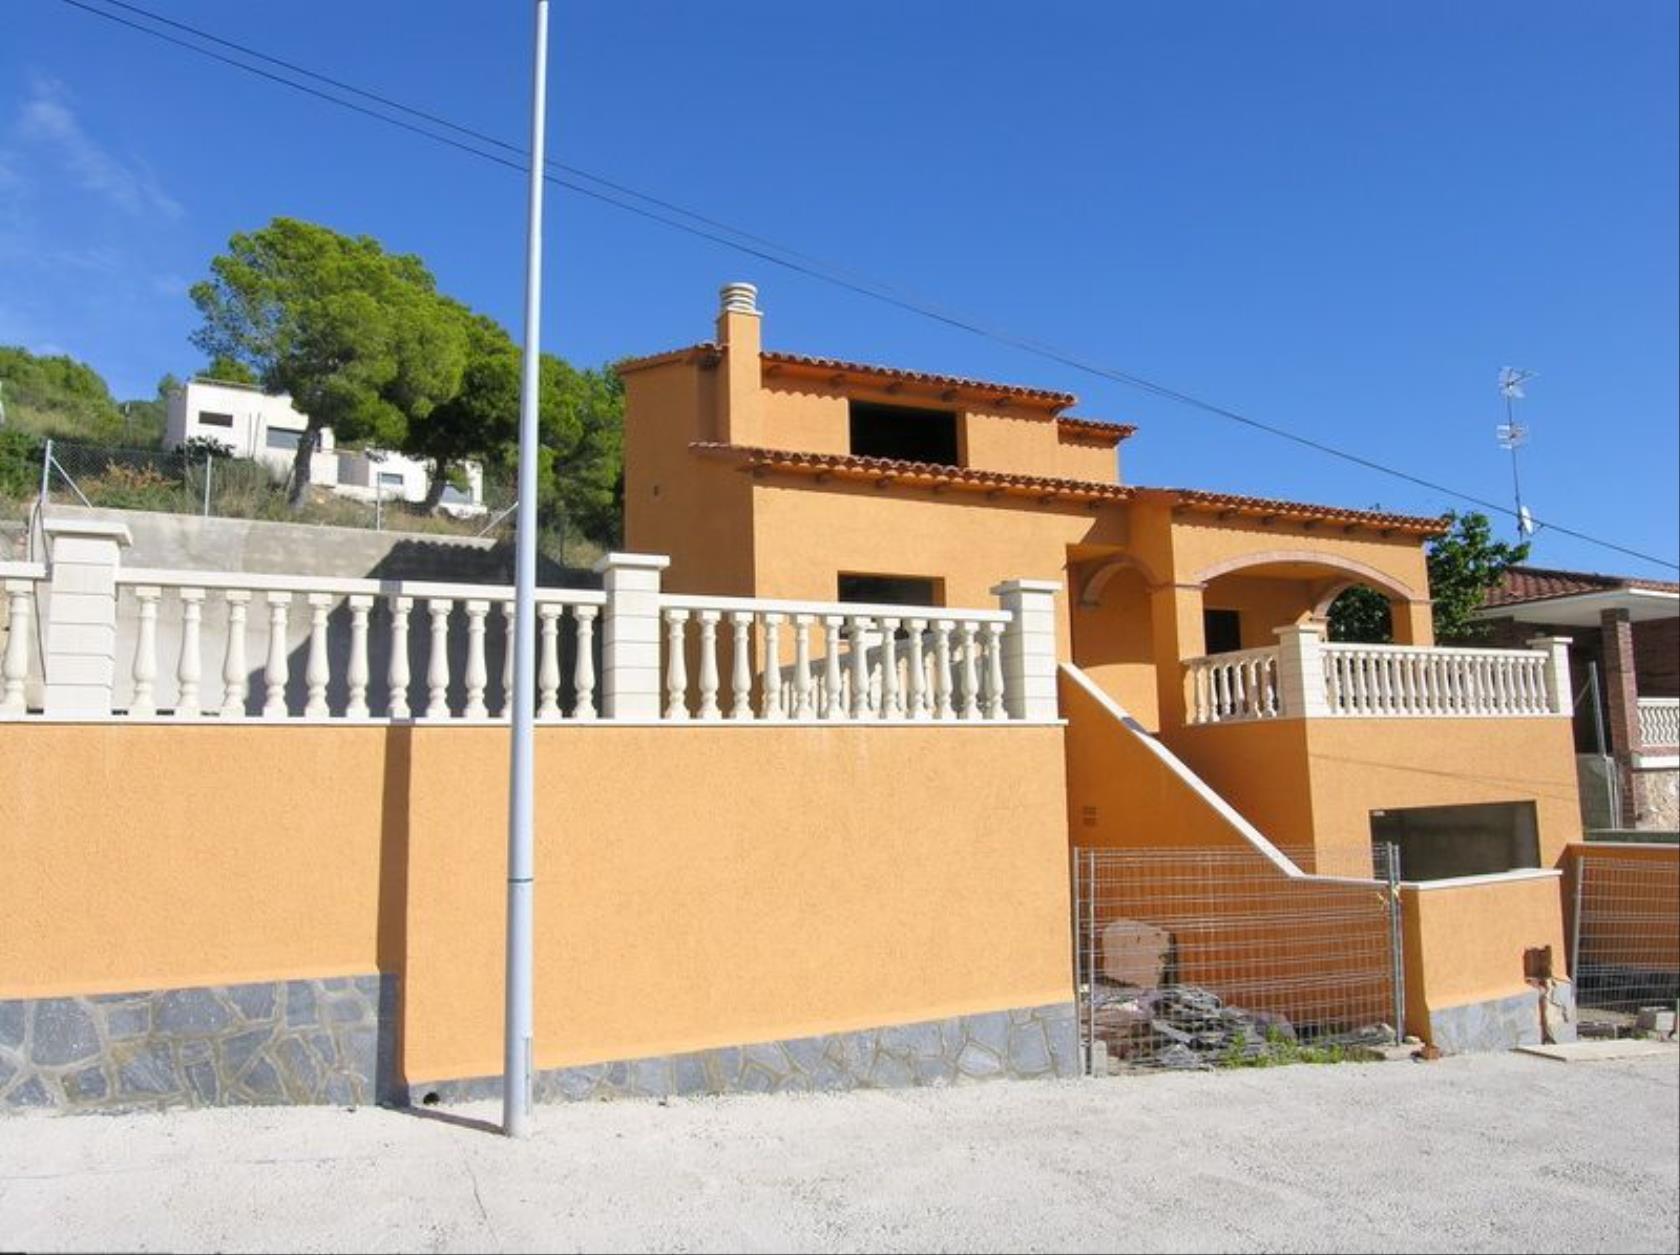 198944 - Preciosa casa en la zona de El ensanche de Roda de Barà